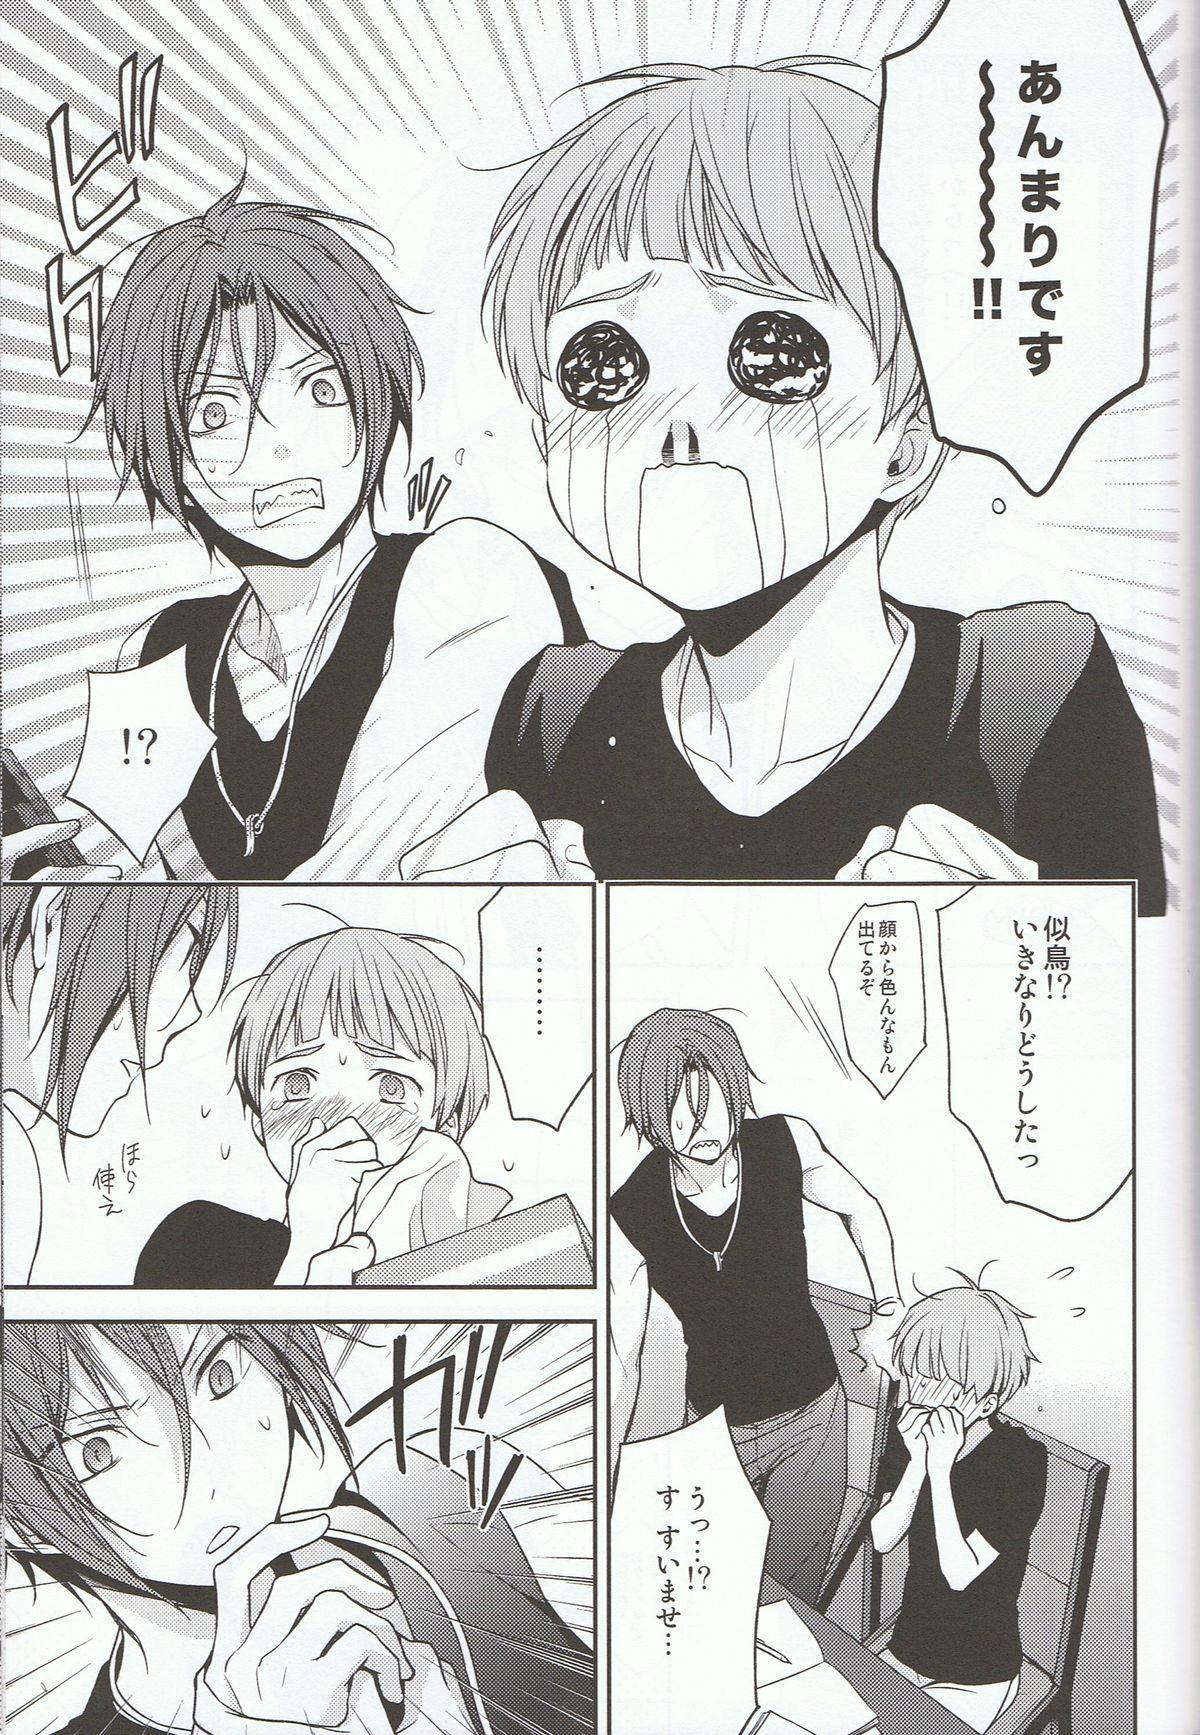 Nitori-kun no Mousou Nikki 13